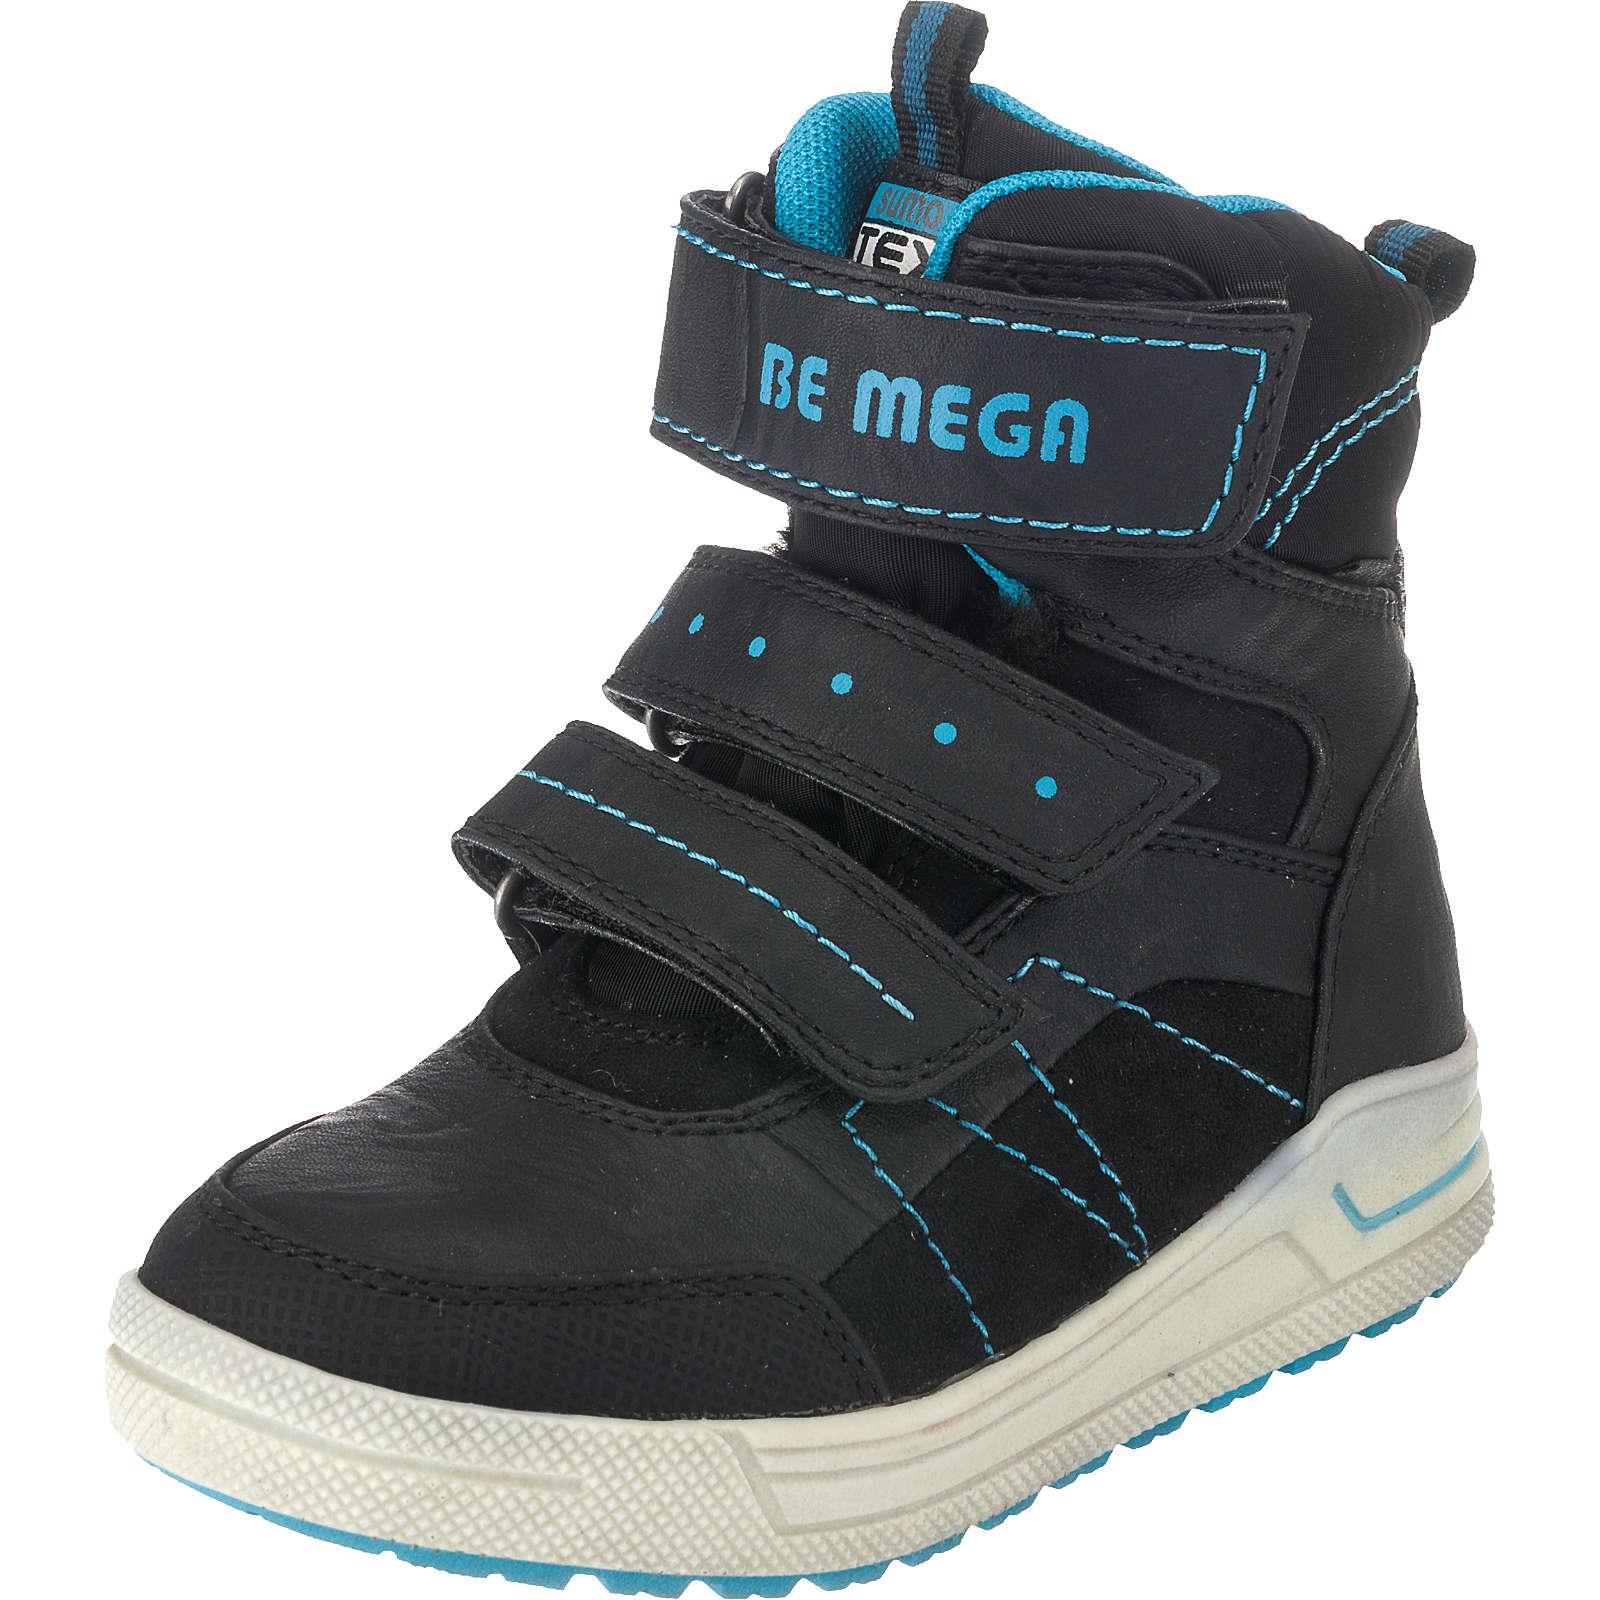 Be Mega Winterstiefel für Jungen, TEX schwarz Junge Gr. 33